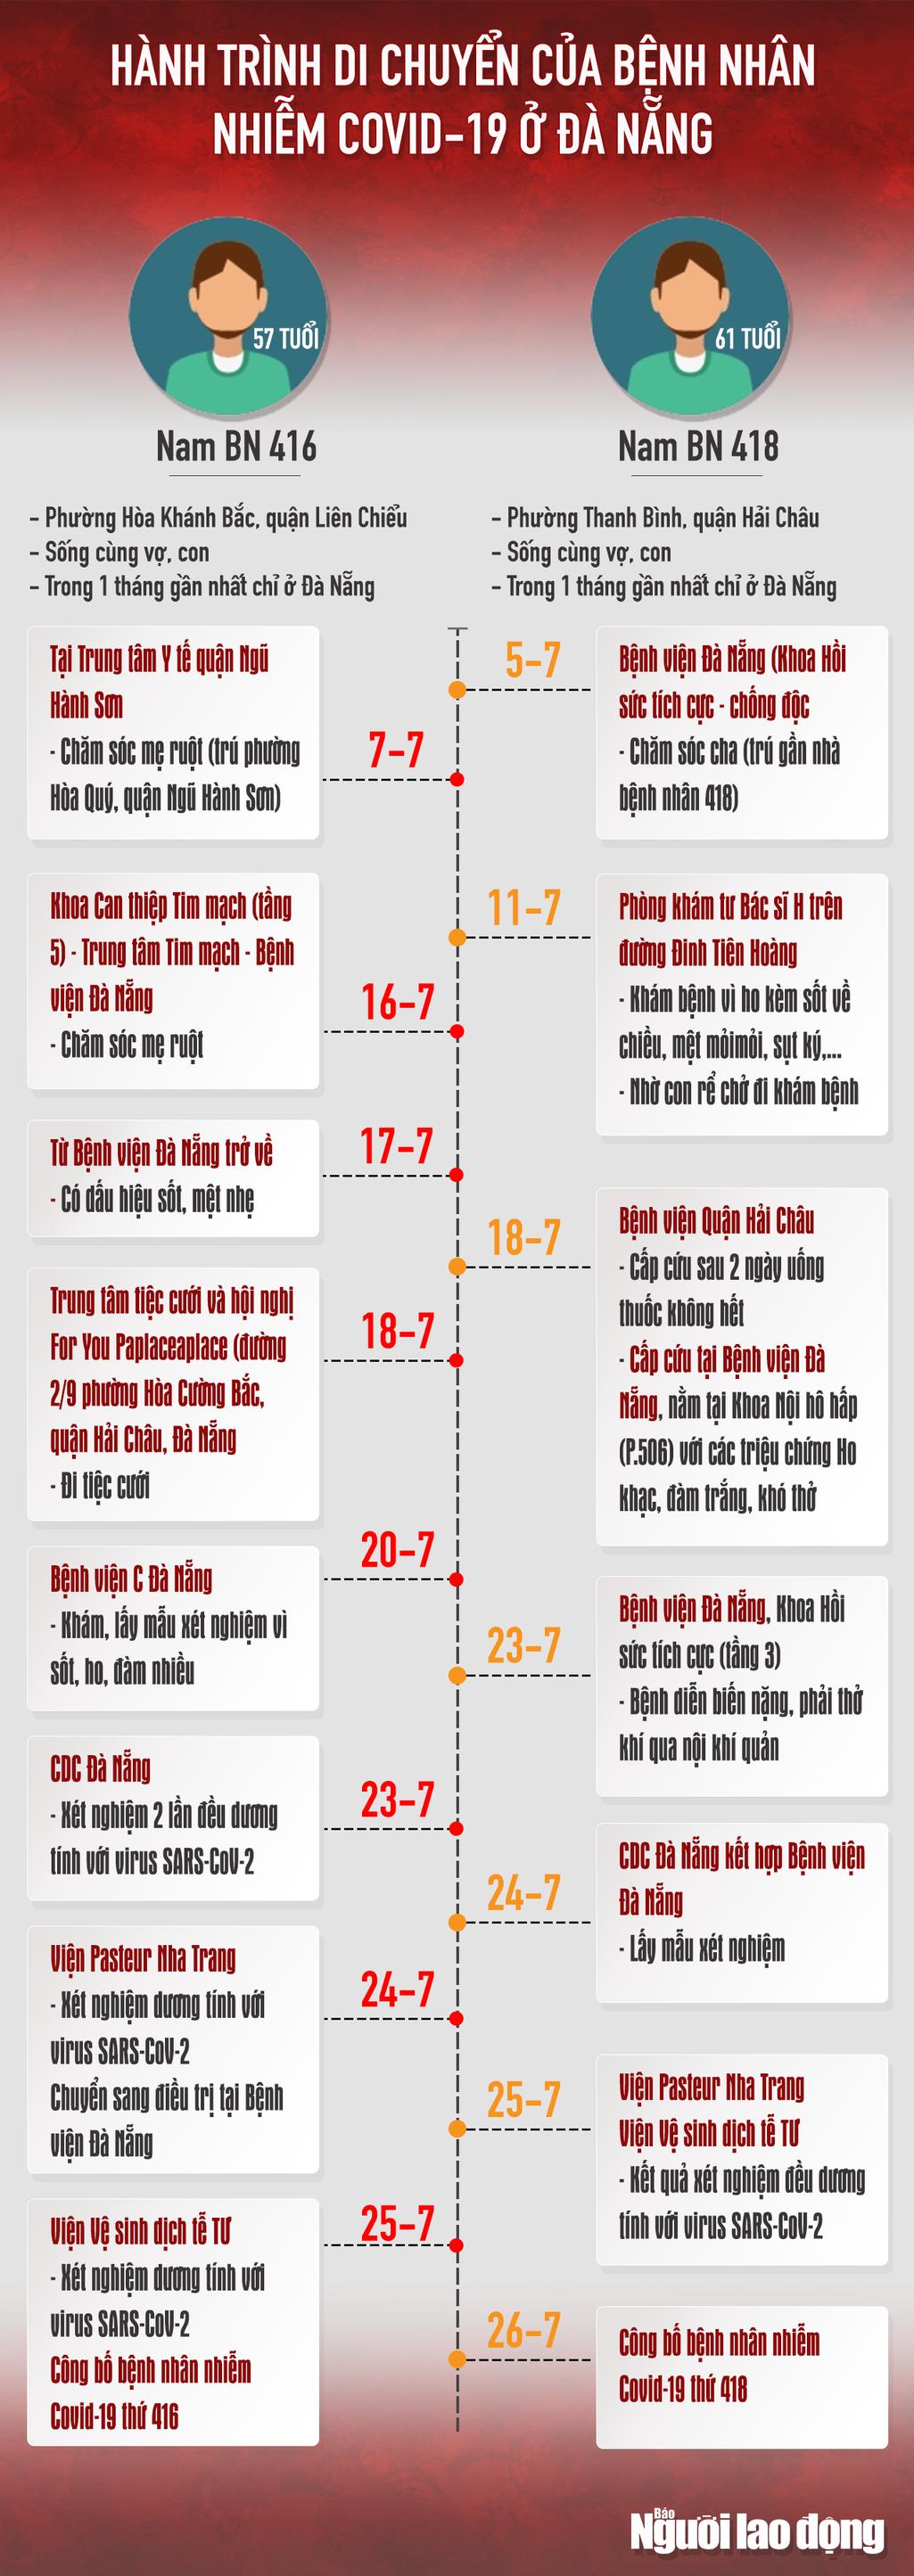 [Infographic] Hai ca nhiễm Covid-19 gồm 416 và 418 đã đi những đâu? - Ảnh 1.